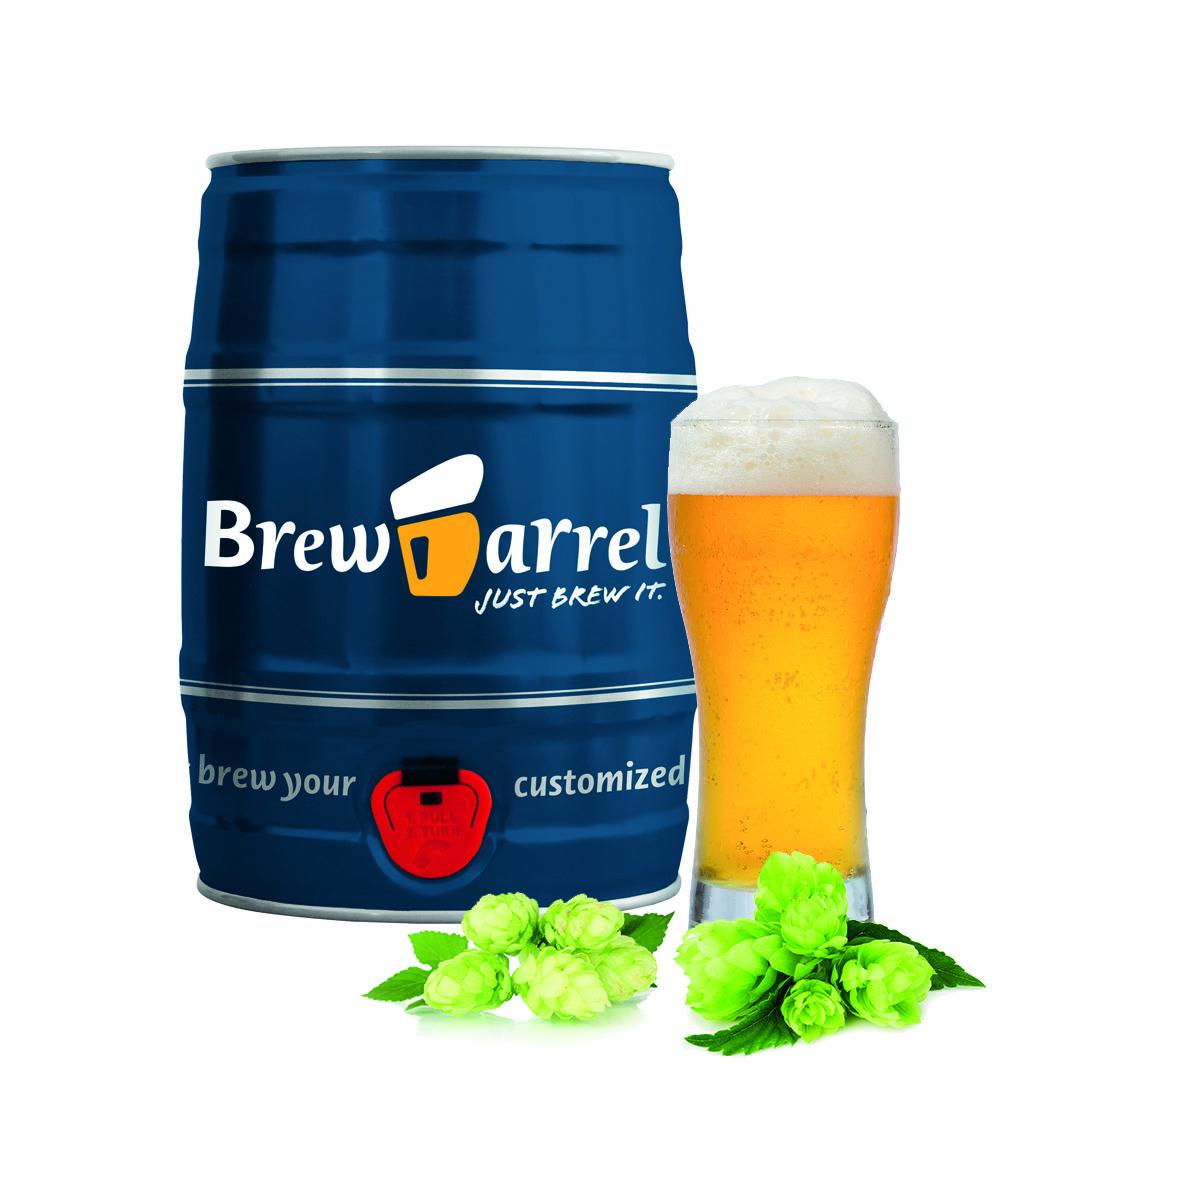 brewbarrel-[2]-1154-p.jpg